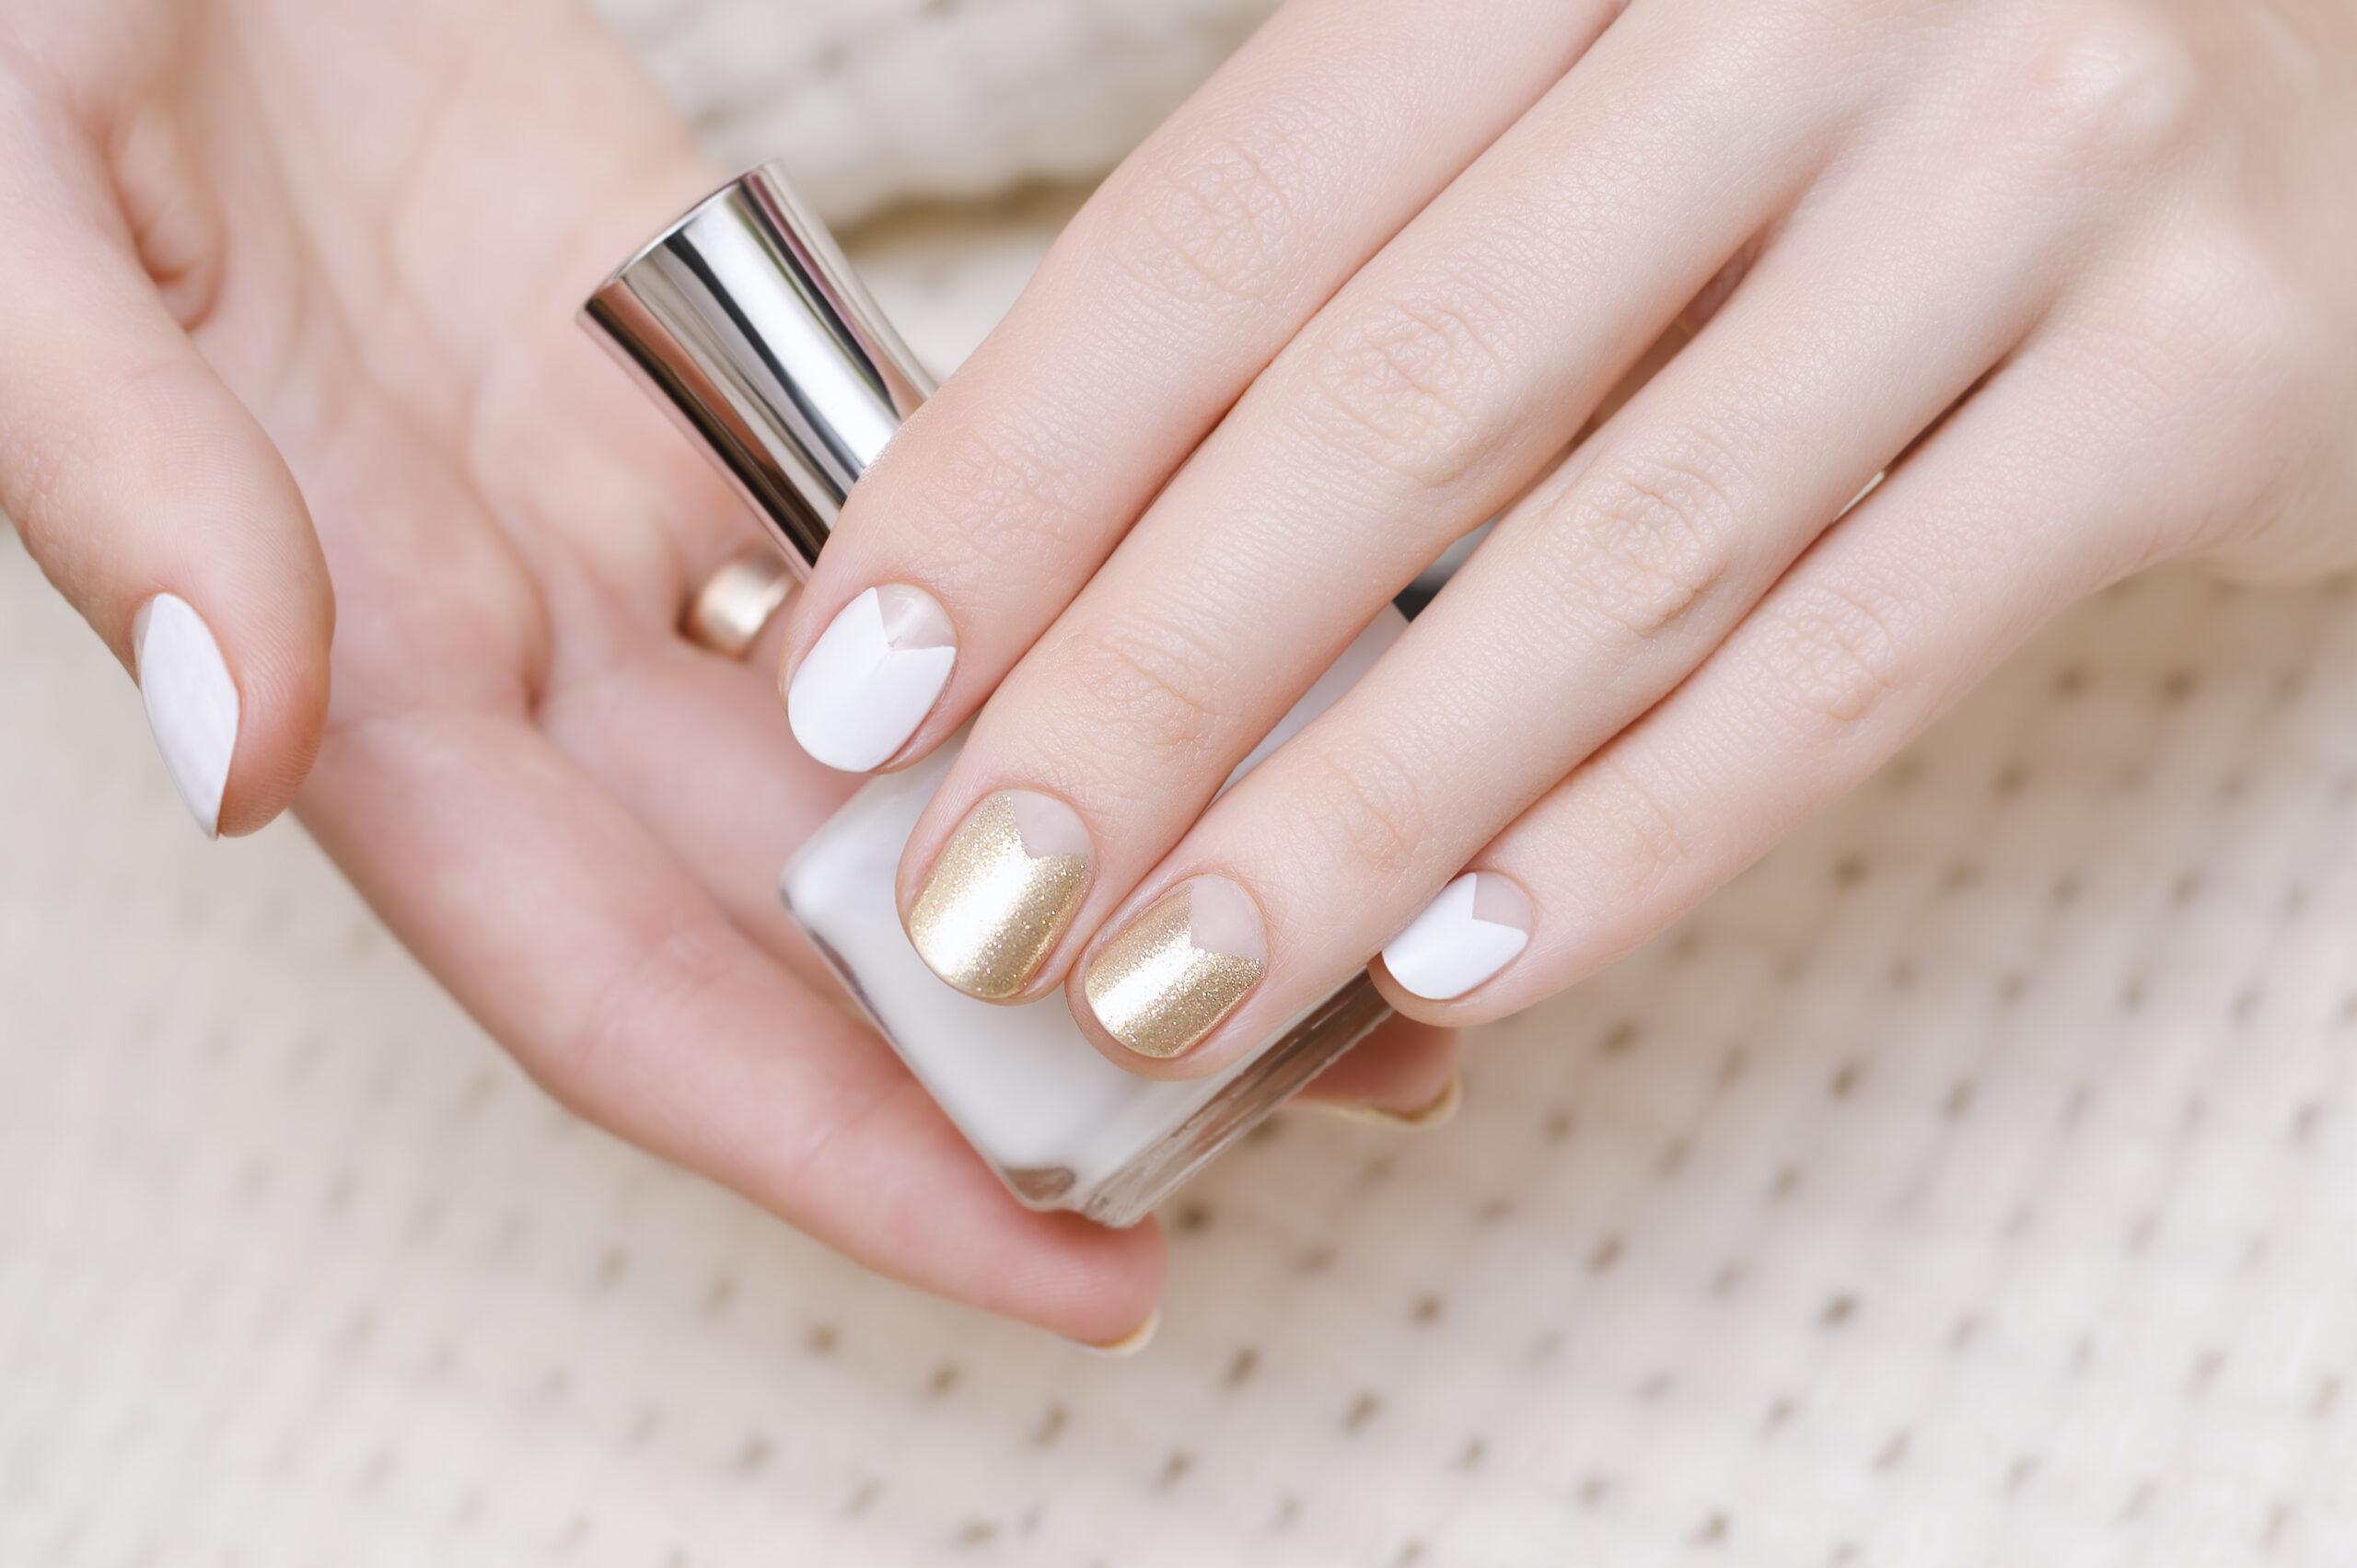 Dłonie kobiety z manicure w kolorze bieli i złota